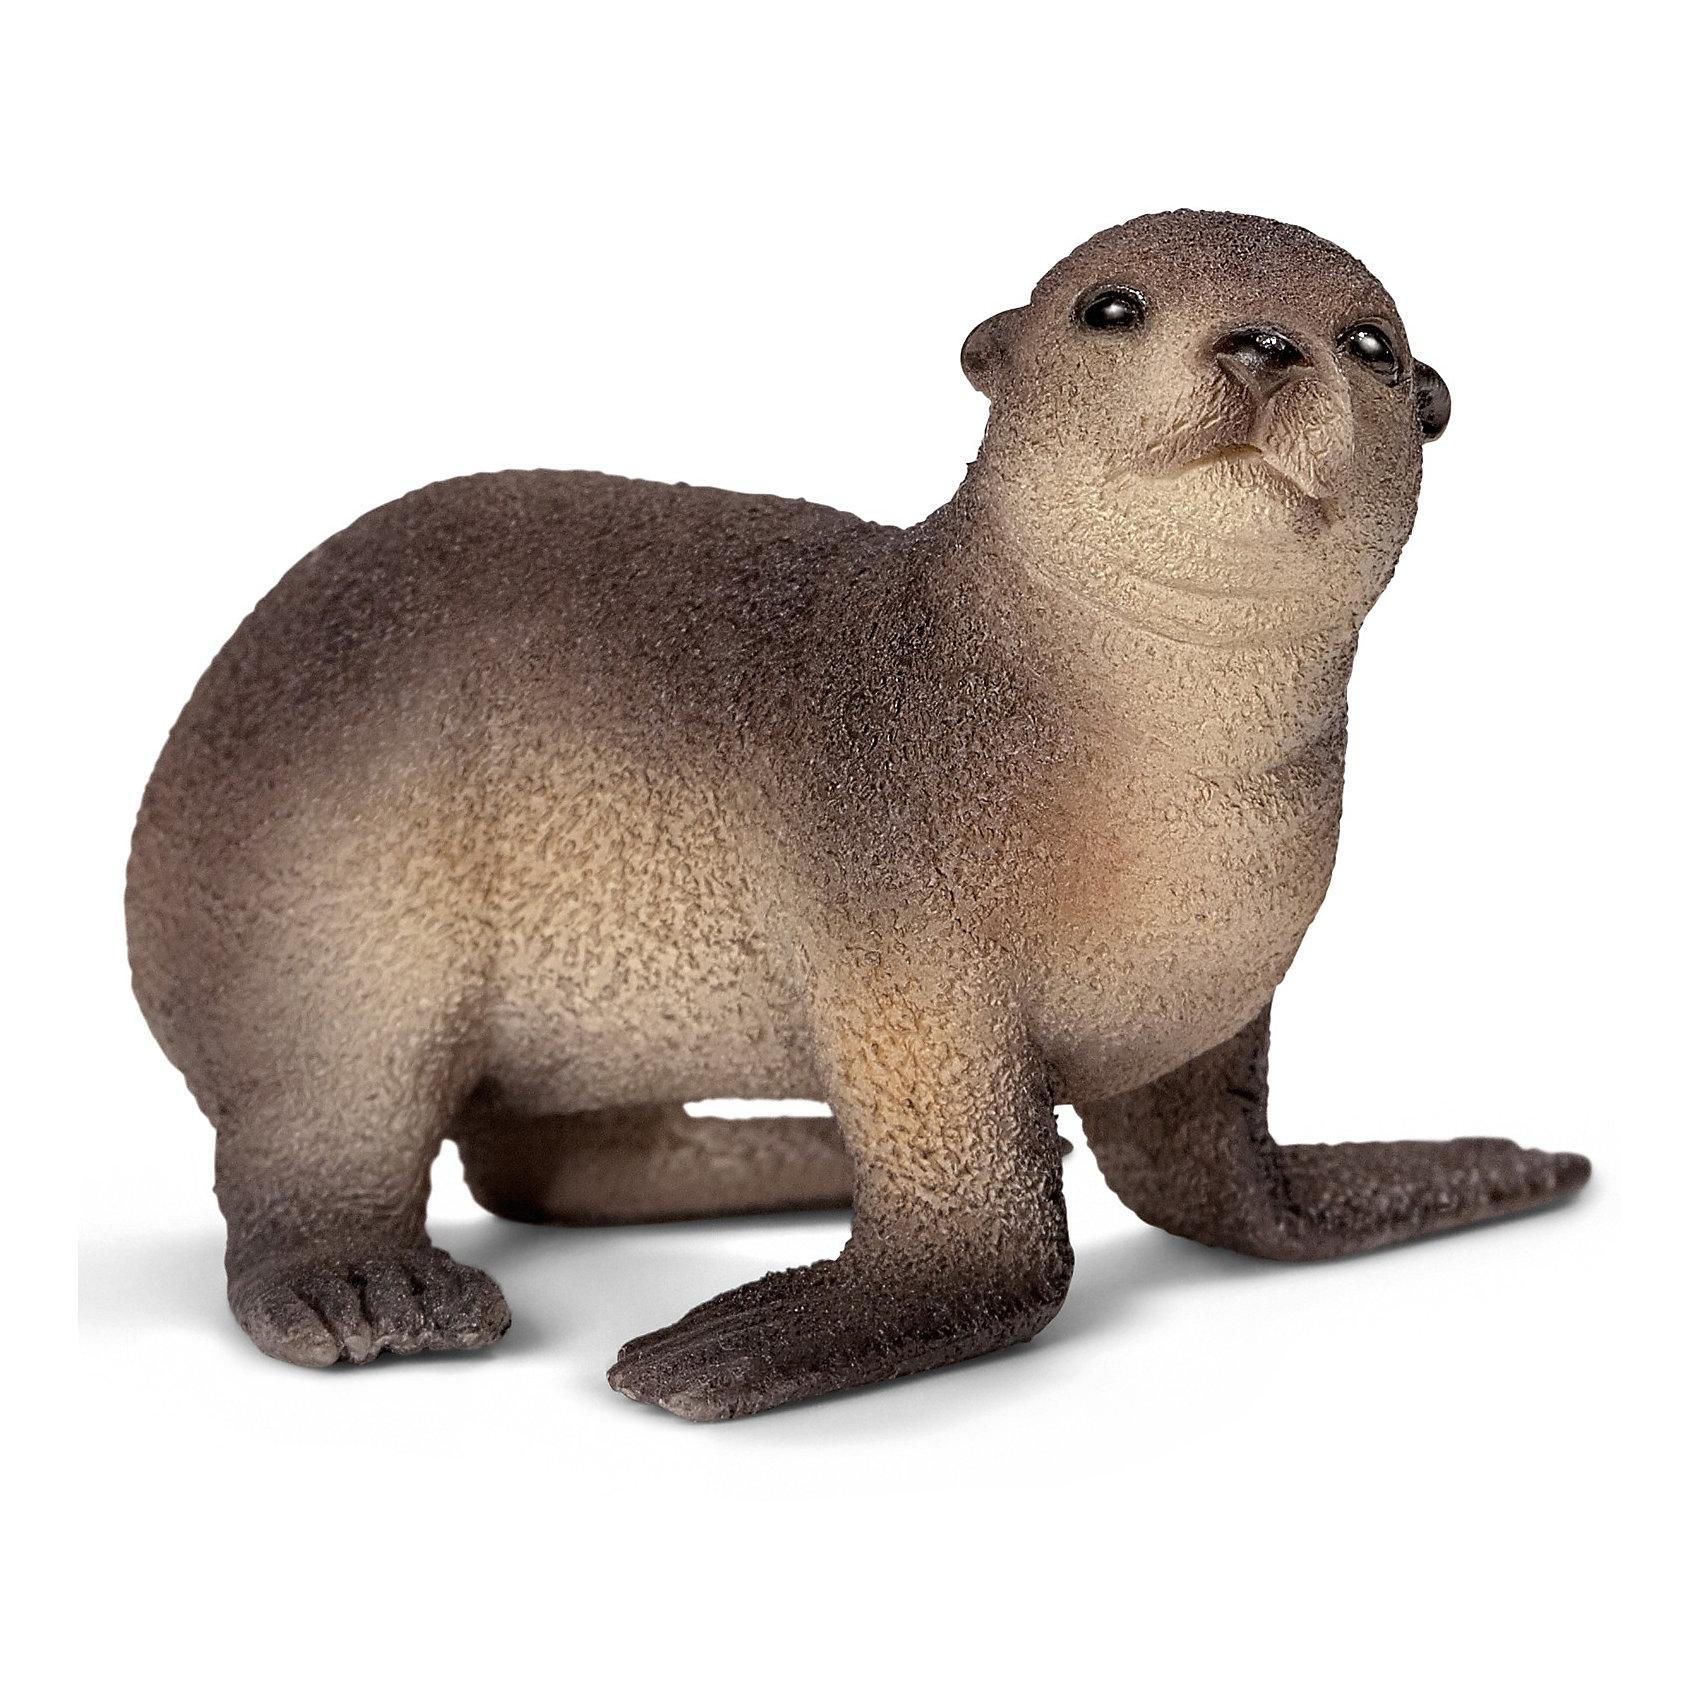 Schleich Schleich Морской львенок. Серия Дикие животные schleich schleich кенгуру серия дикие животные